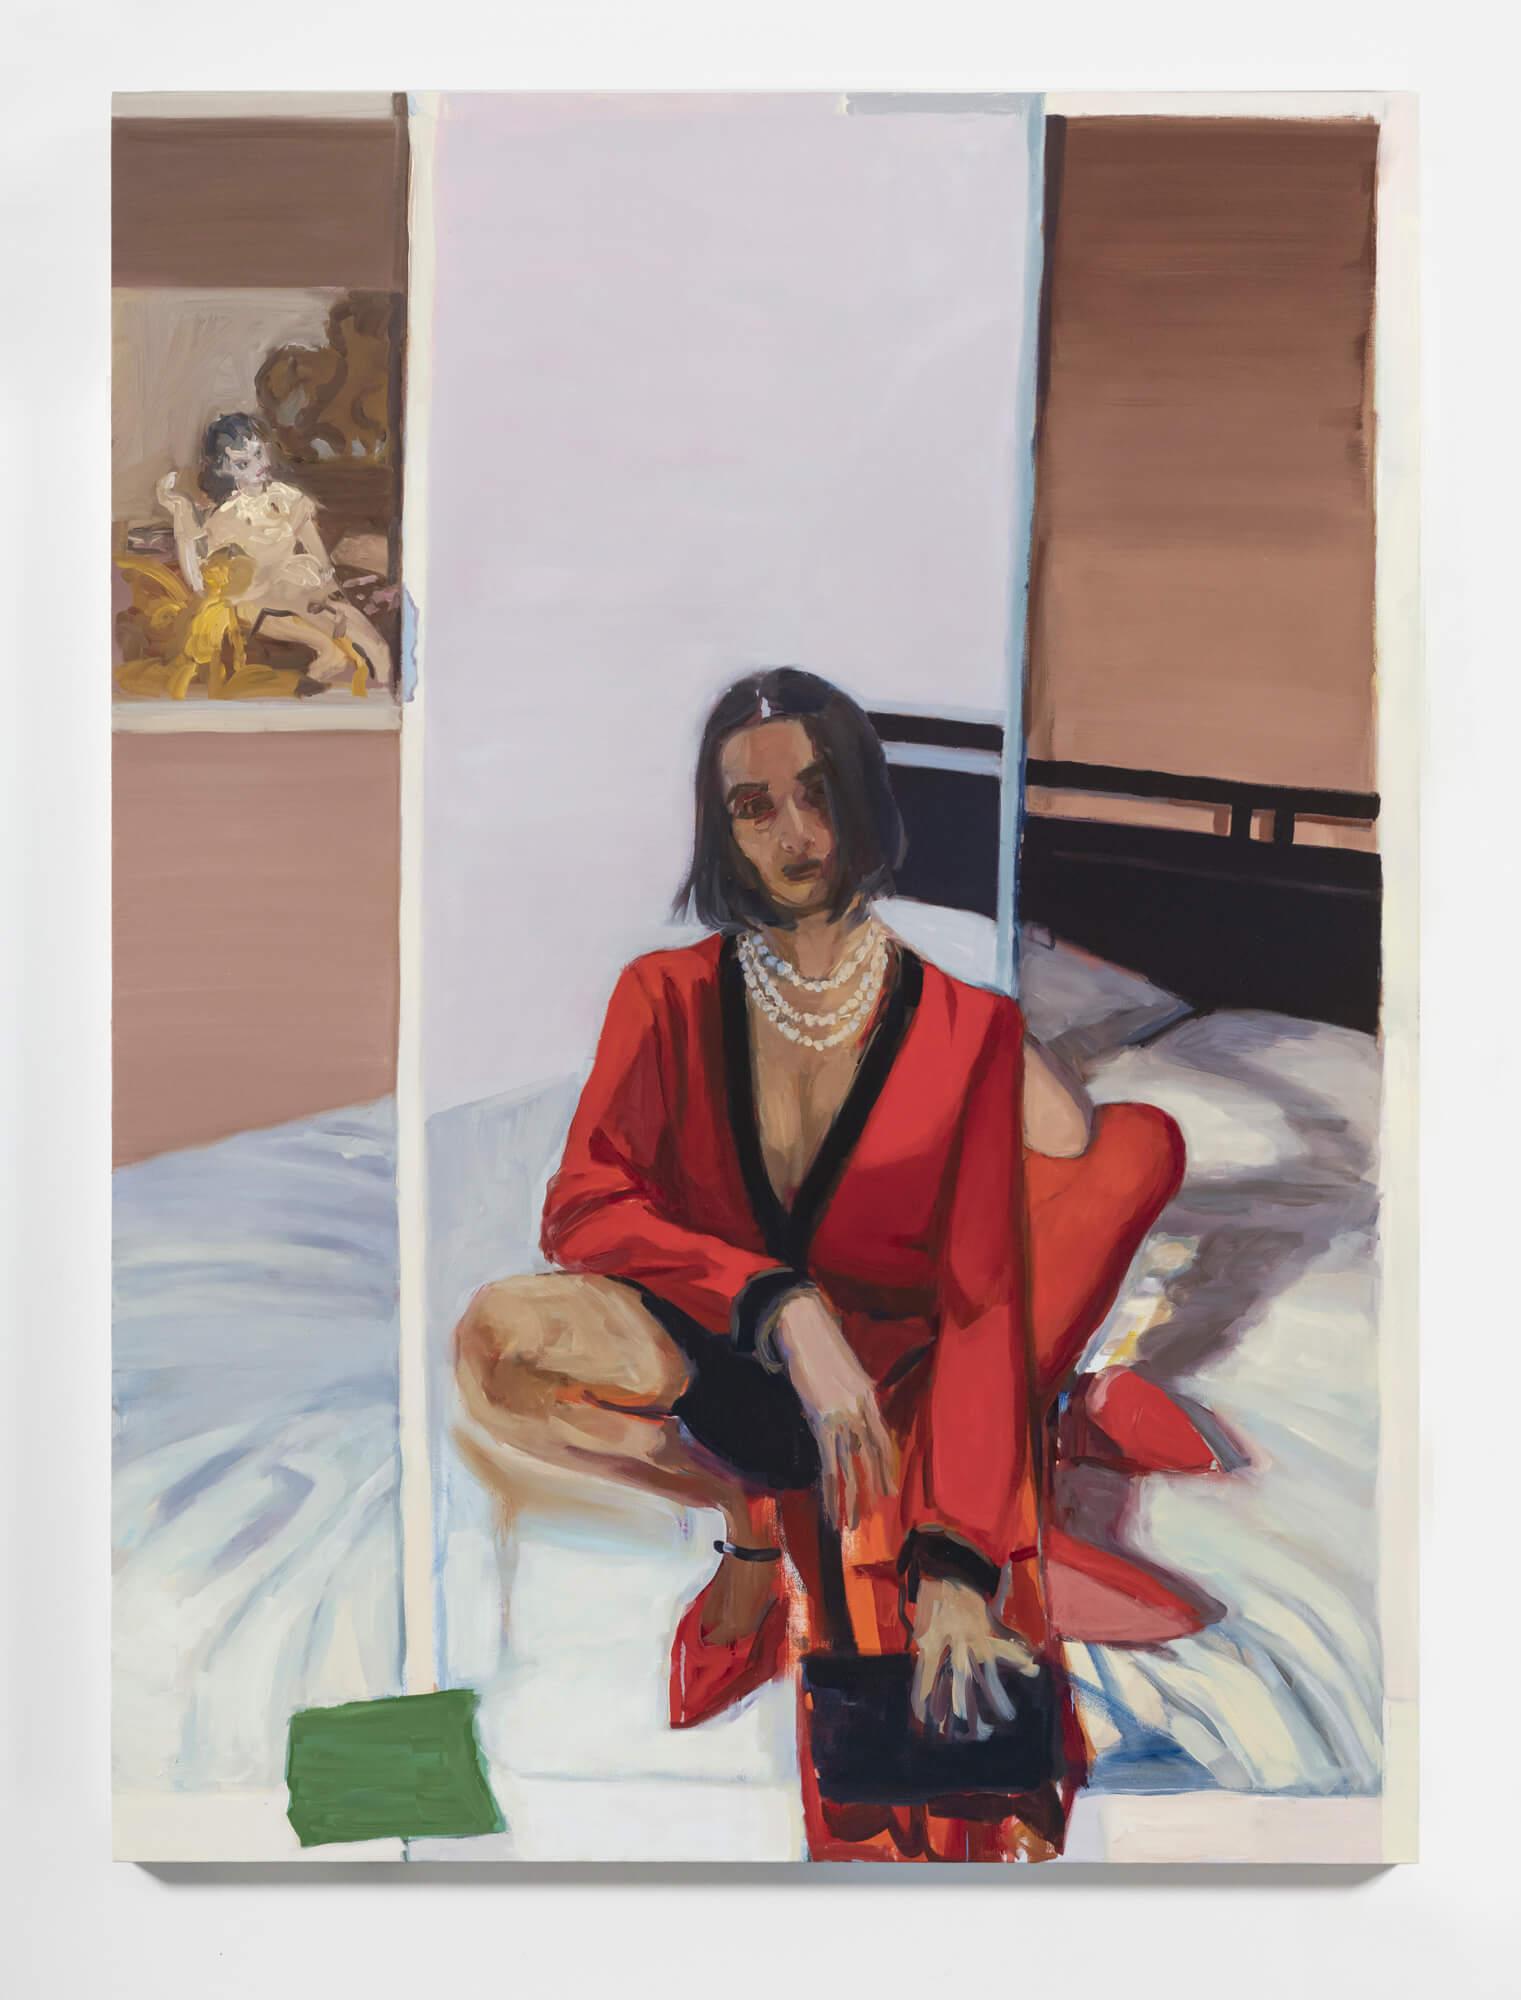 La Presse, 2021 | Des femmes, une grande peintre